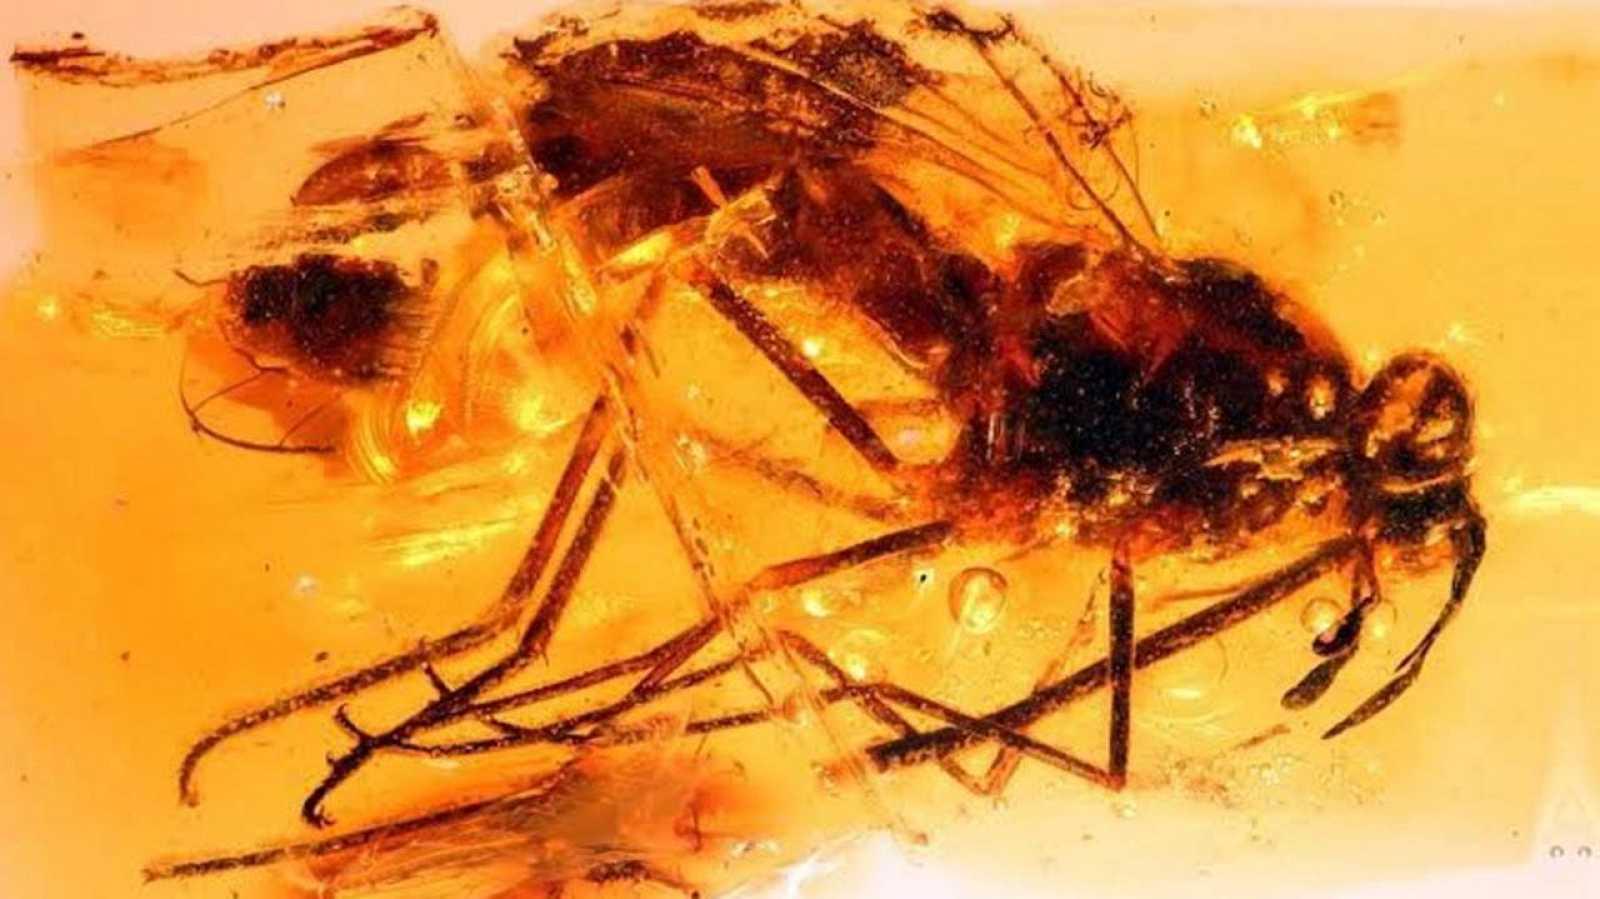 Imagen de la mosca zhangsolvidae fosilizada en ámbar